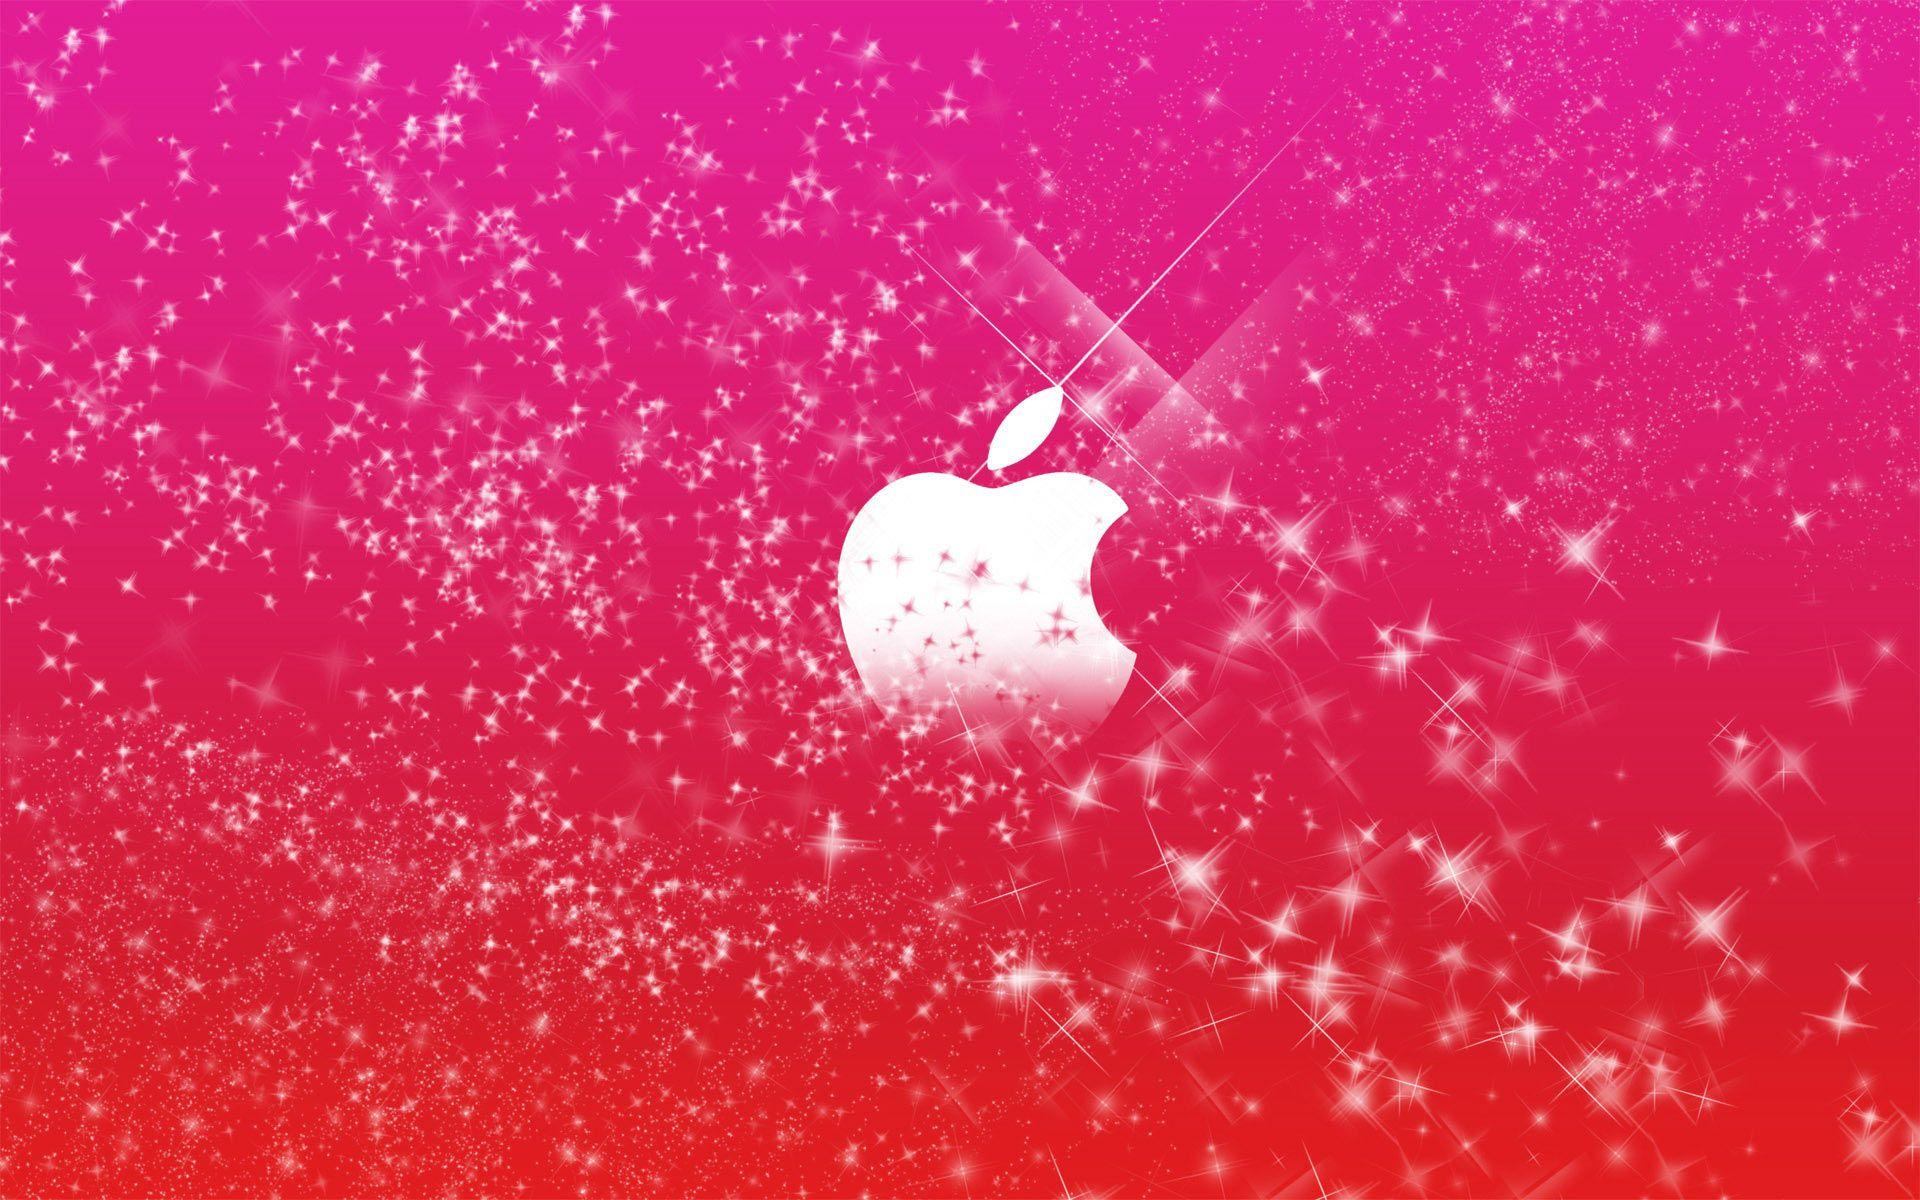 Pink Background Pink Desktop Backgrounds Pink Desktop Backgrounds Free Desktop Pink Wallpaper Iphone Apple Wallpaper Iphone Wallpaper Glitter